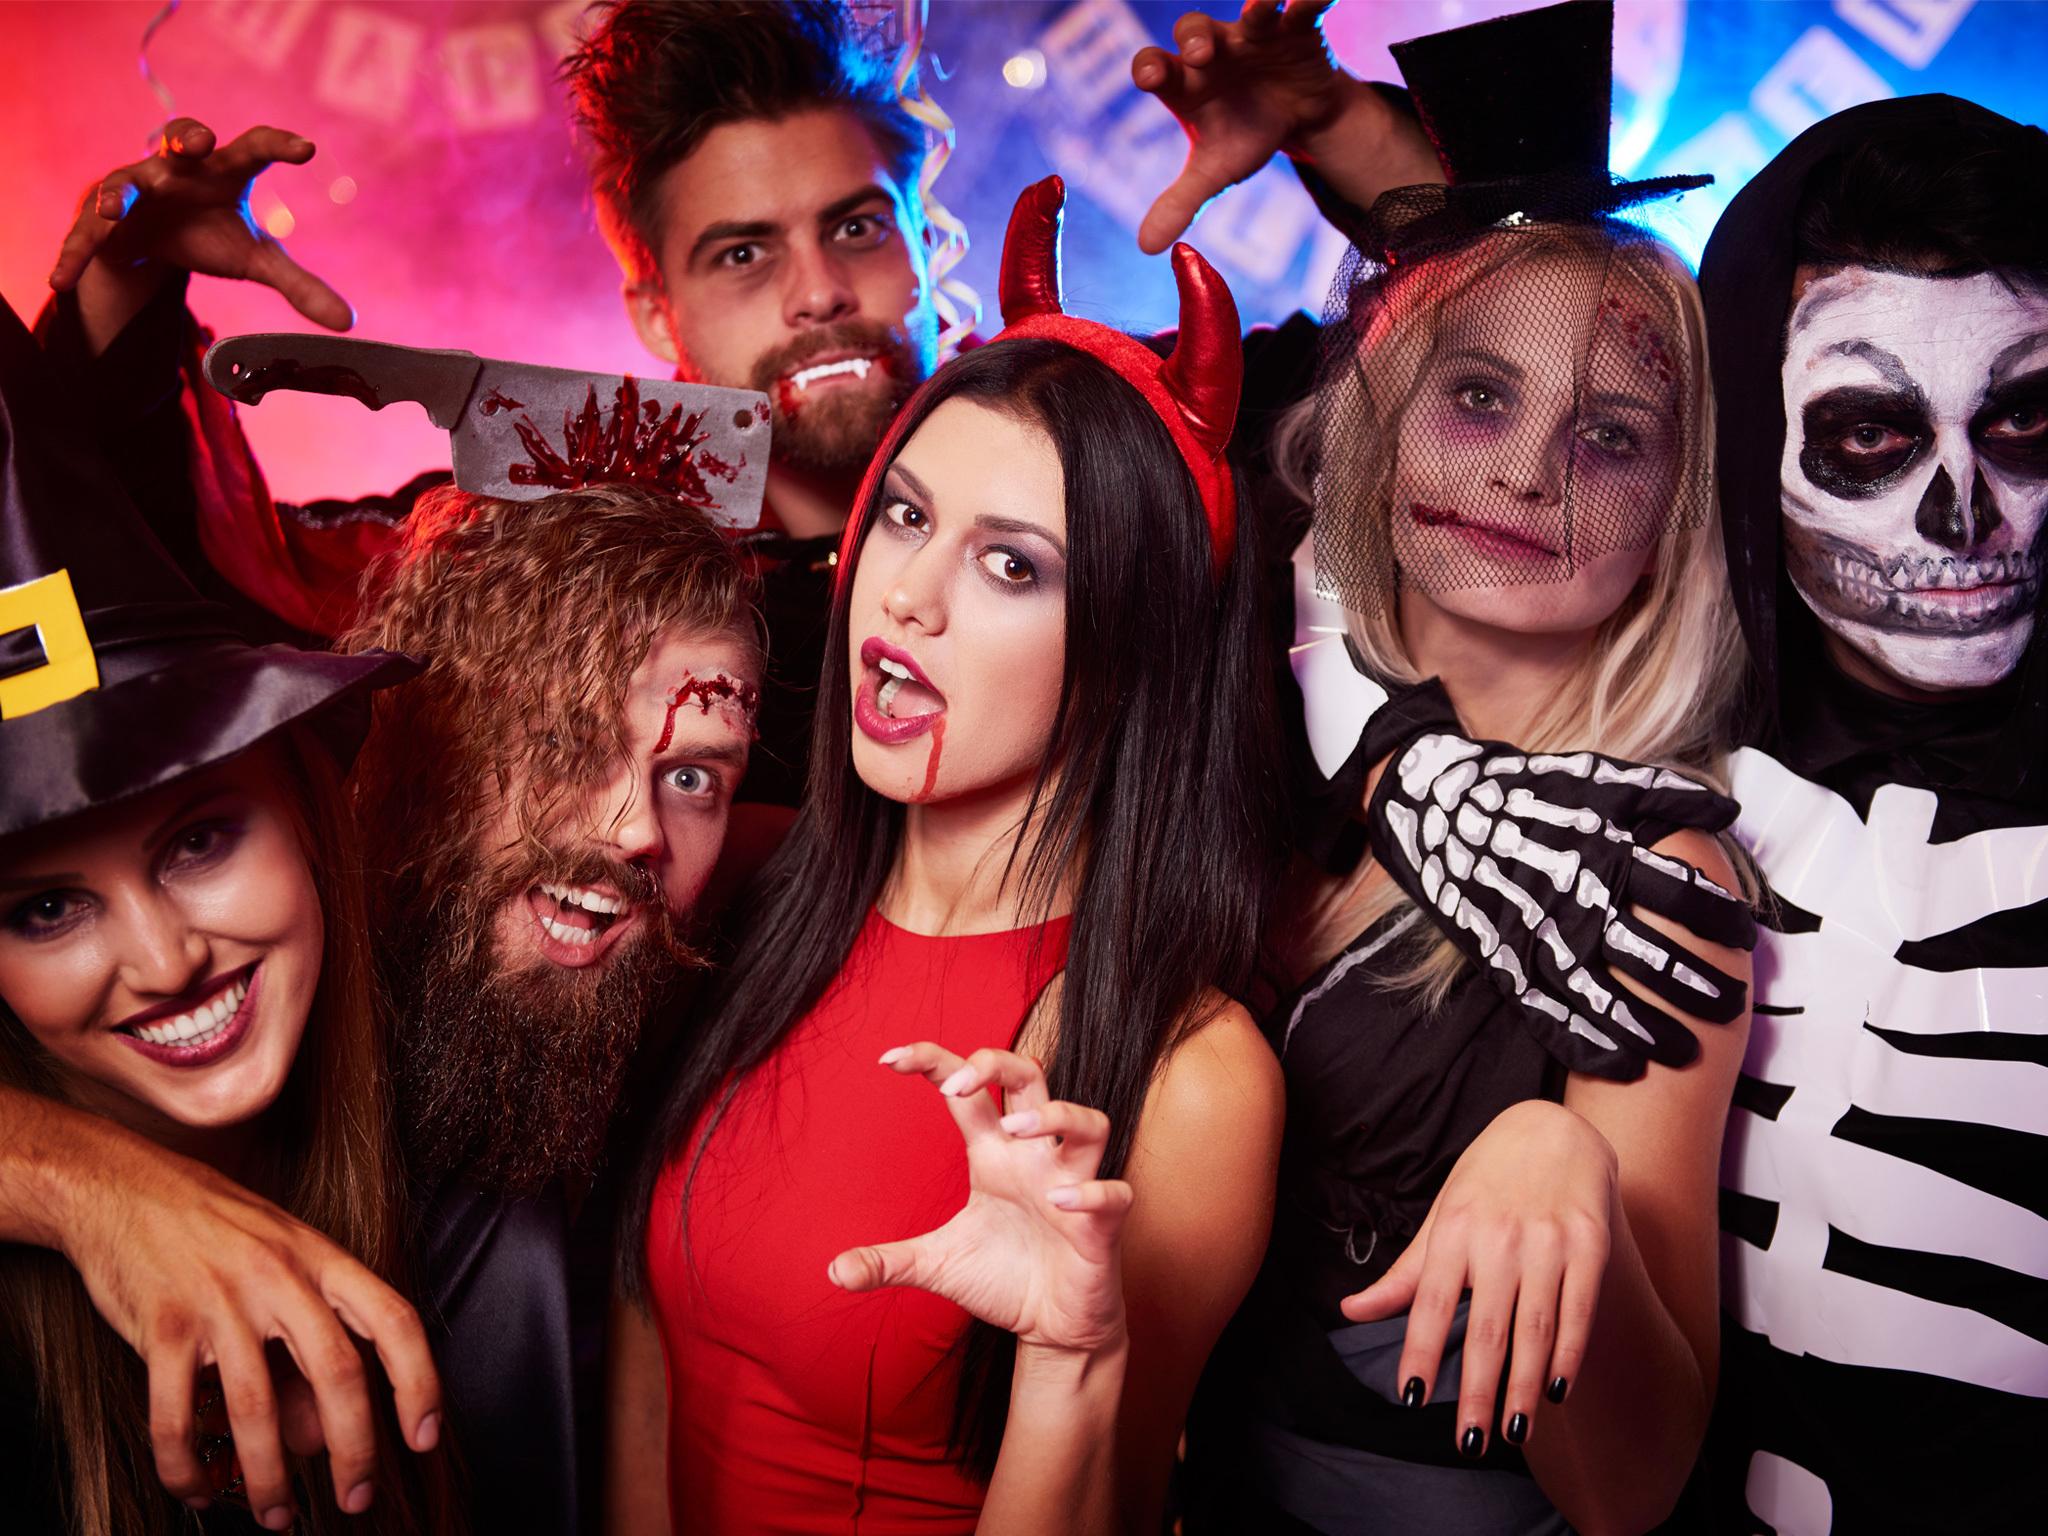 Los mejores eventos de Halloween en la CDMX